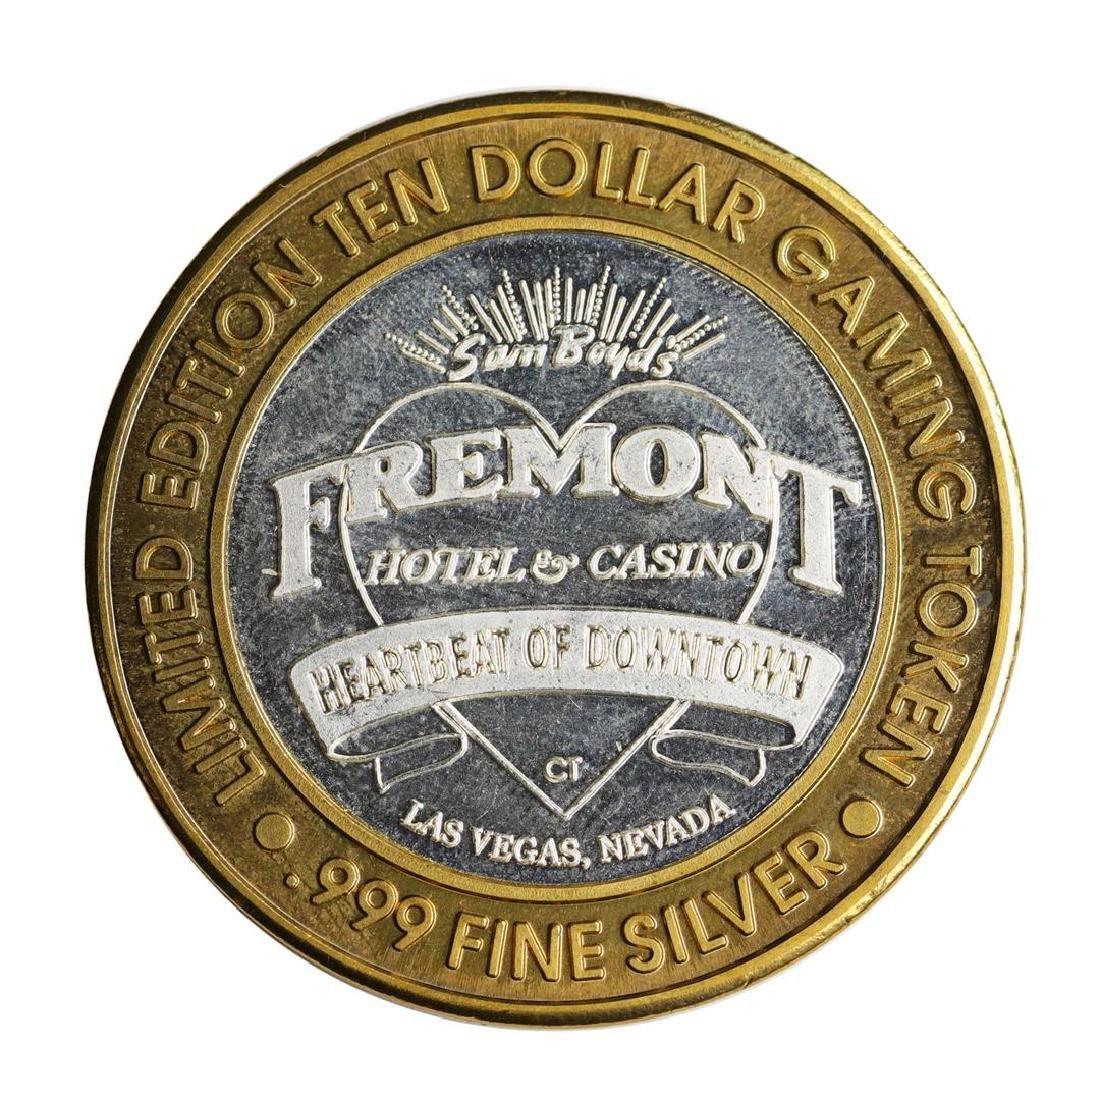 .999 Silver Sam Boyd's Fremont Hotel $10 Casino Limited - 2